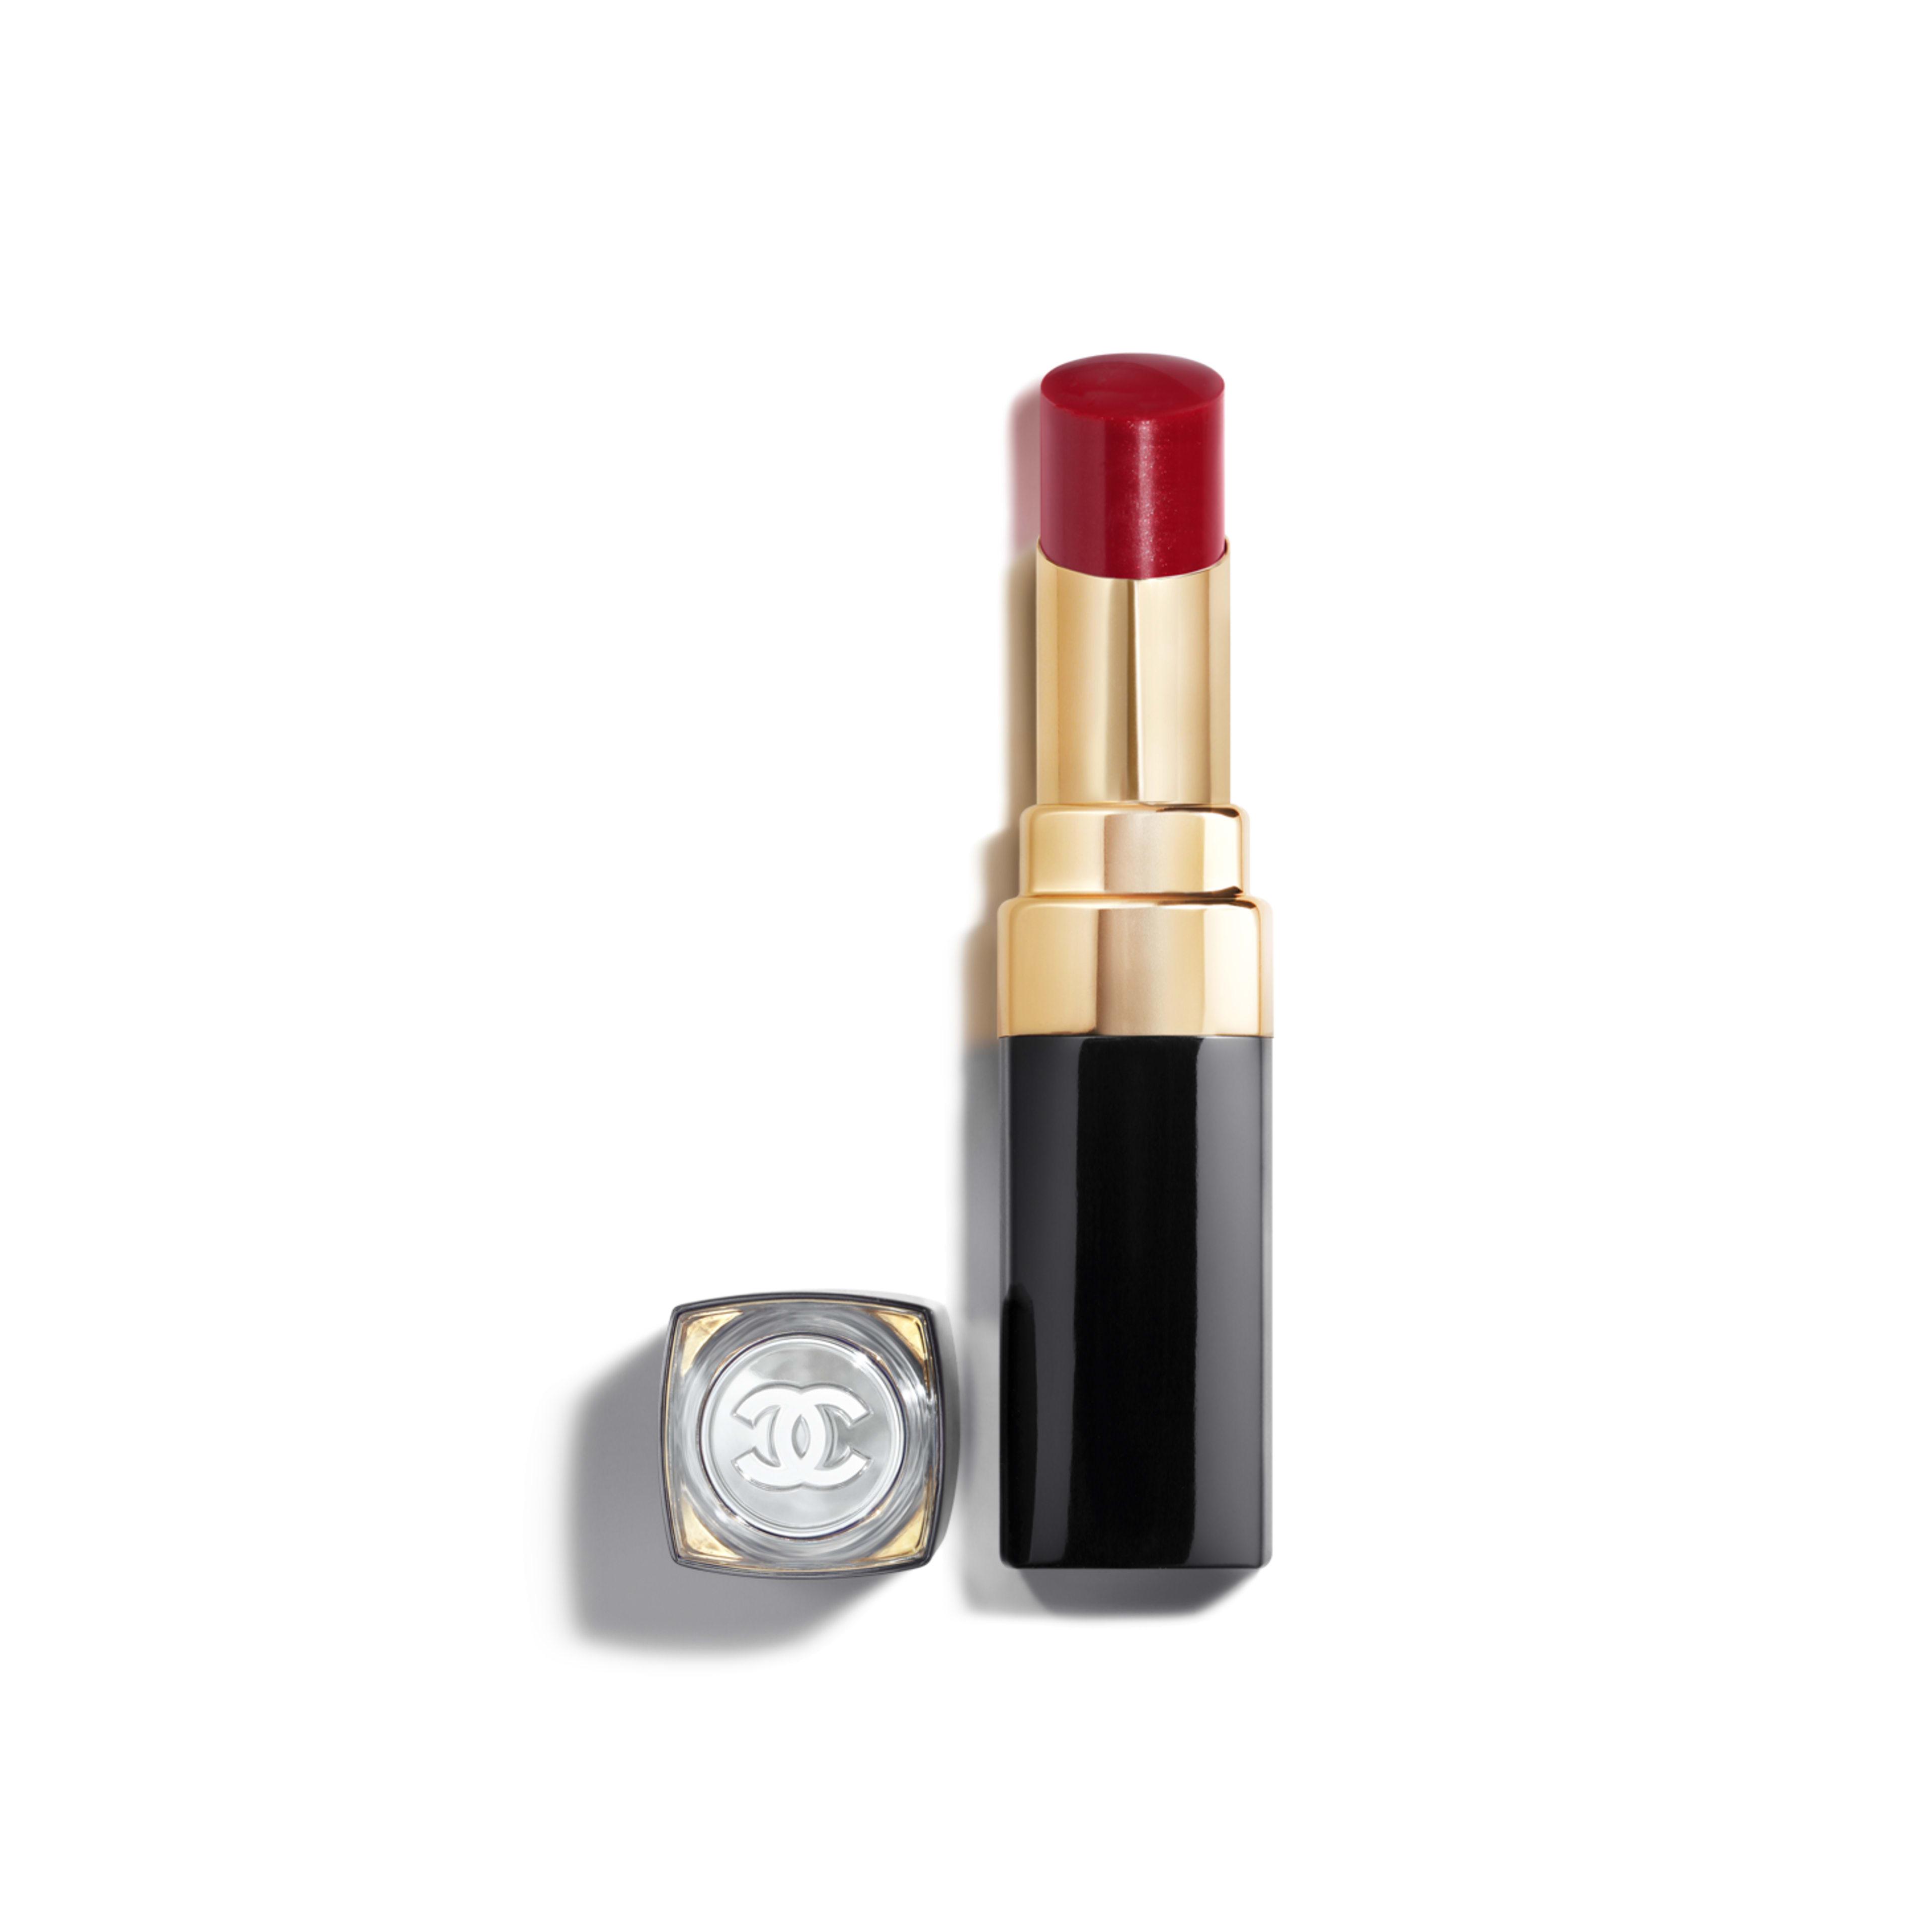 ROUGE COCO FLASH - makeup - 3g - Default view